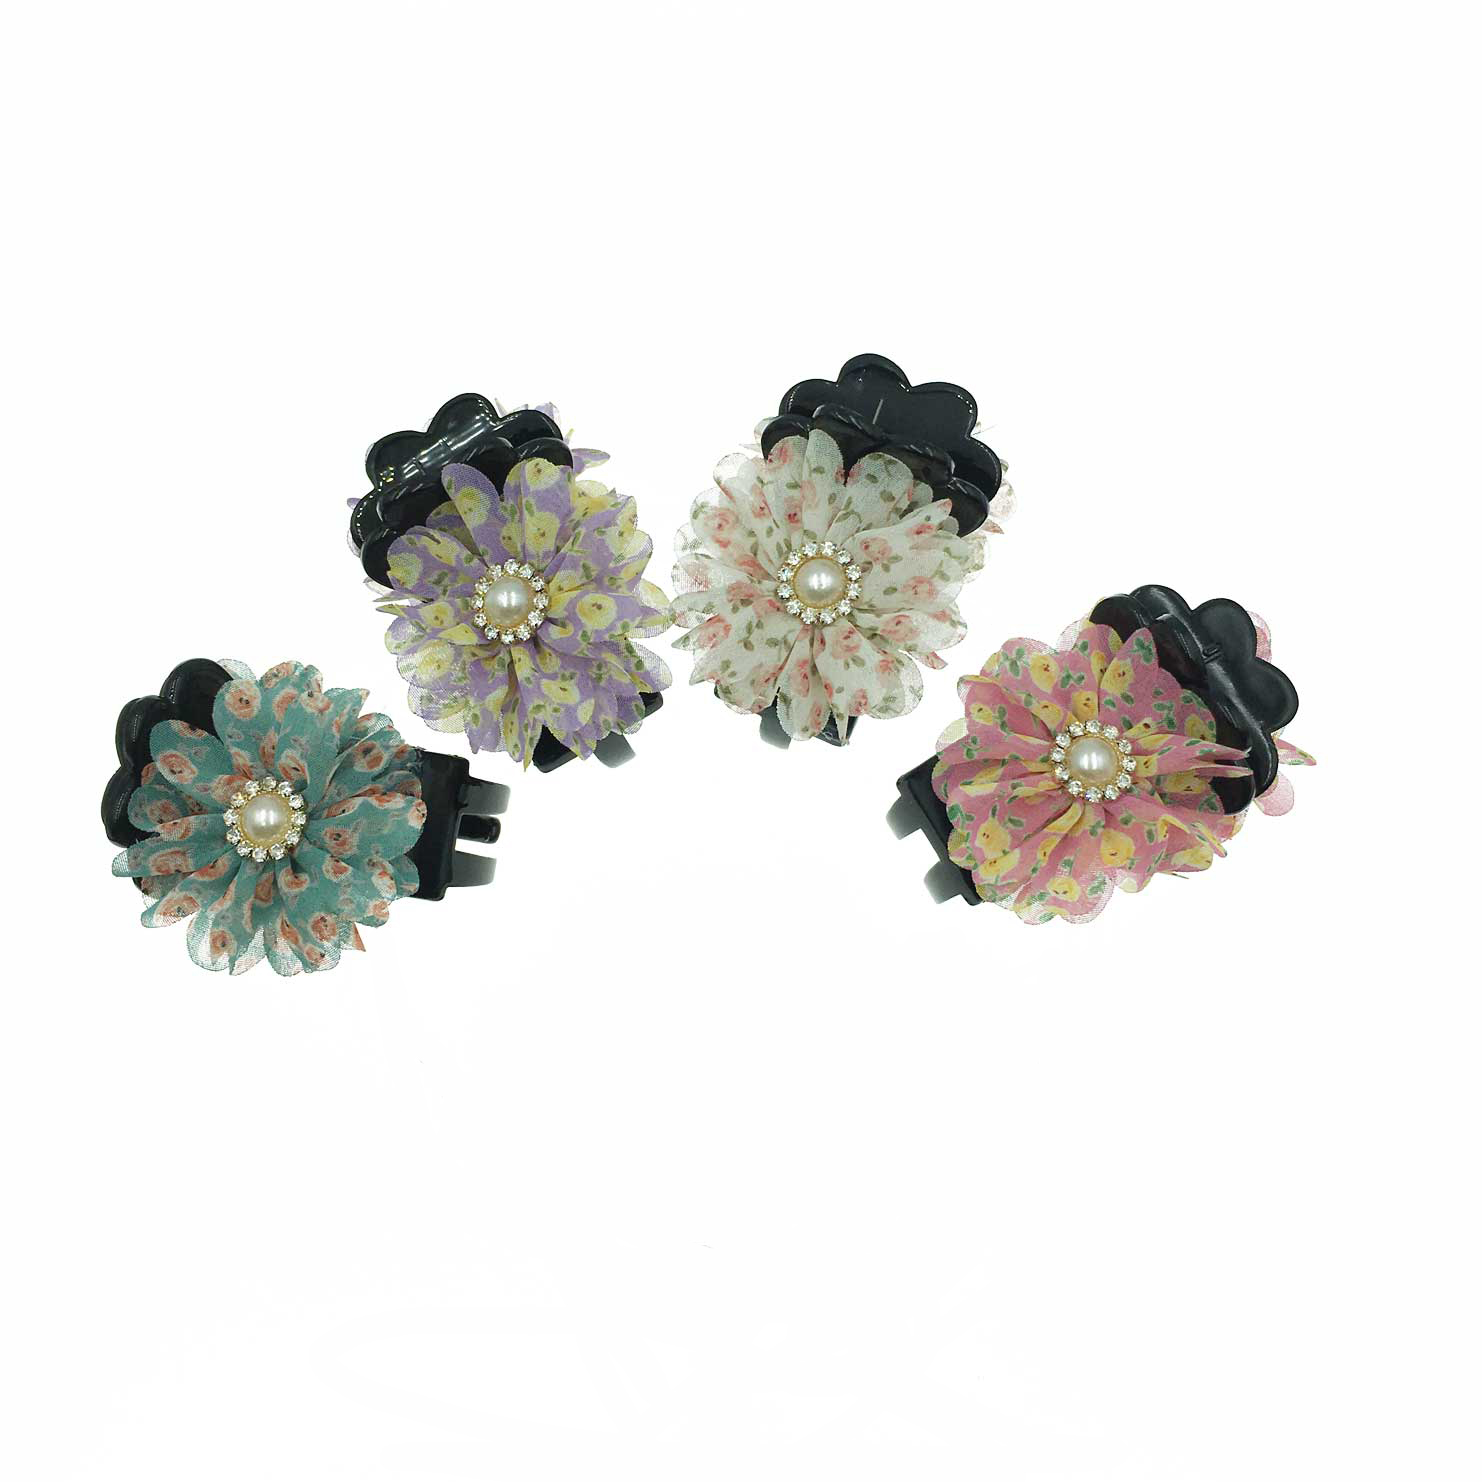 韓國 花卉系 珍珠 水鑽 小碎花 復古感 4色 鯊魚夾三爪夾